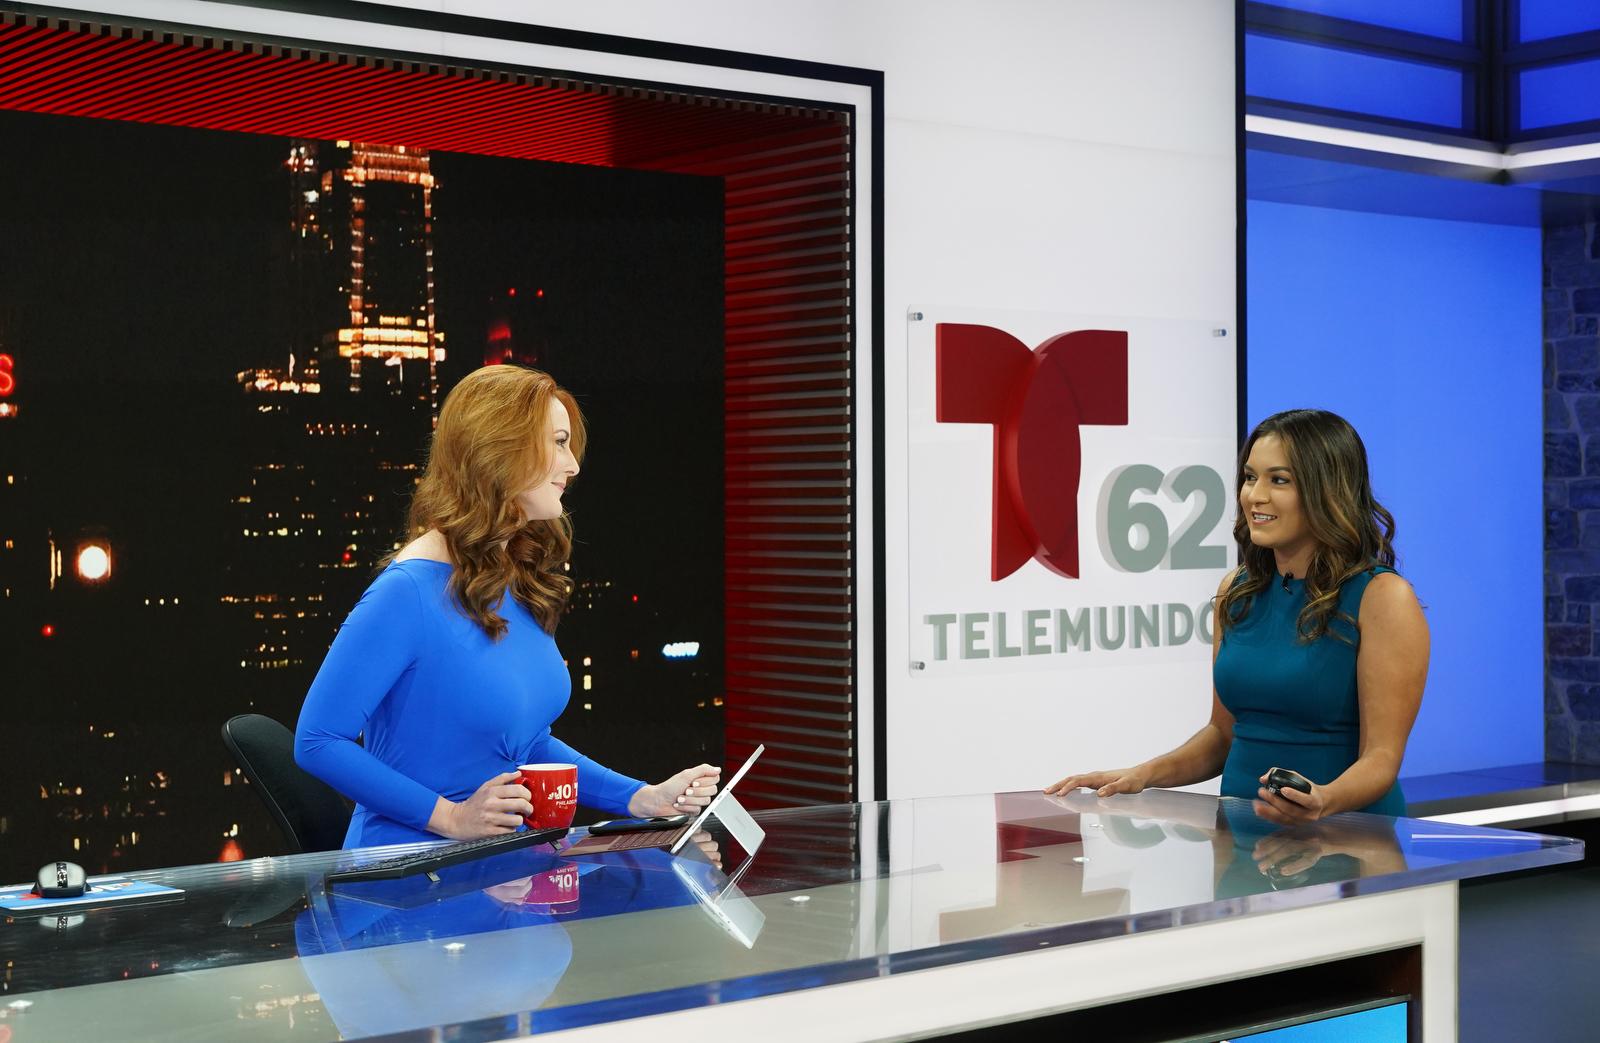 NCS_Telemundo-62-Noticiero-Philadelphia-0005